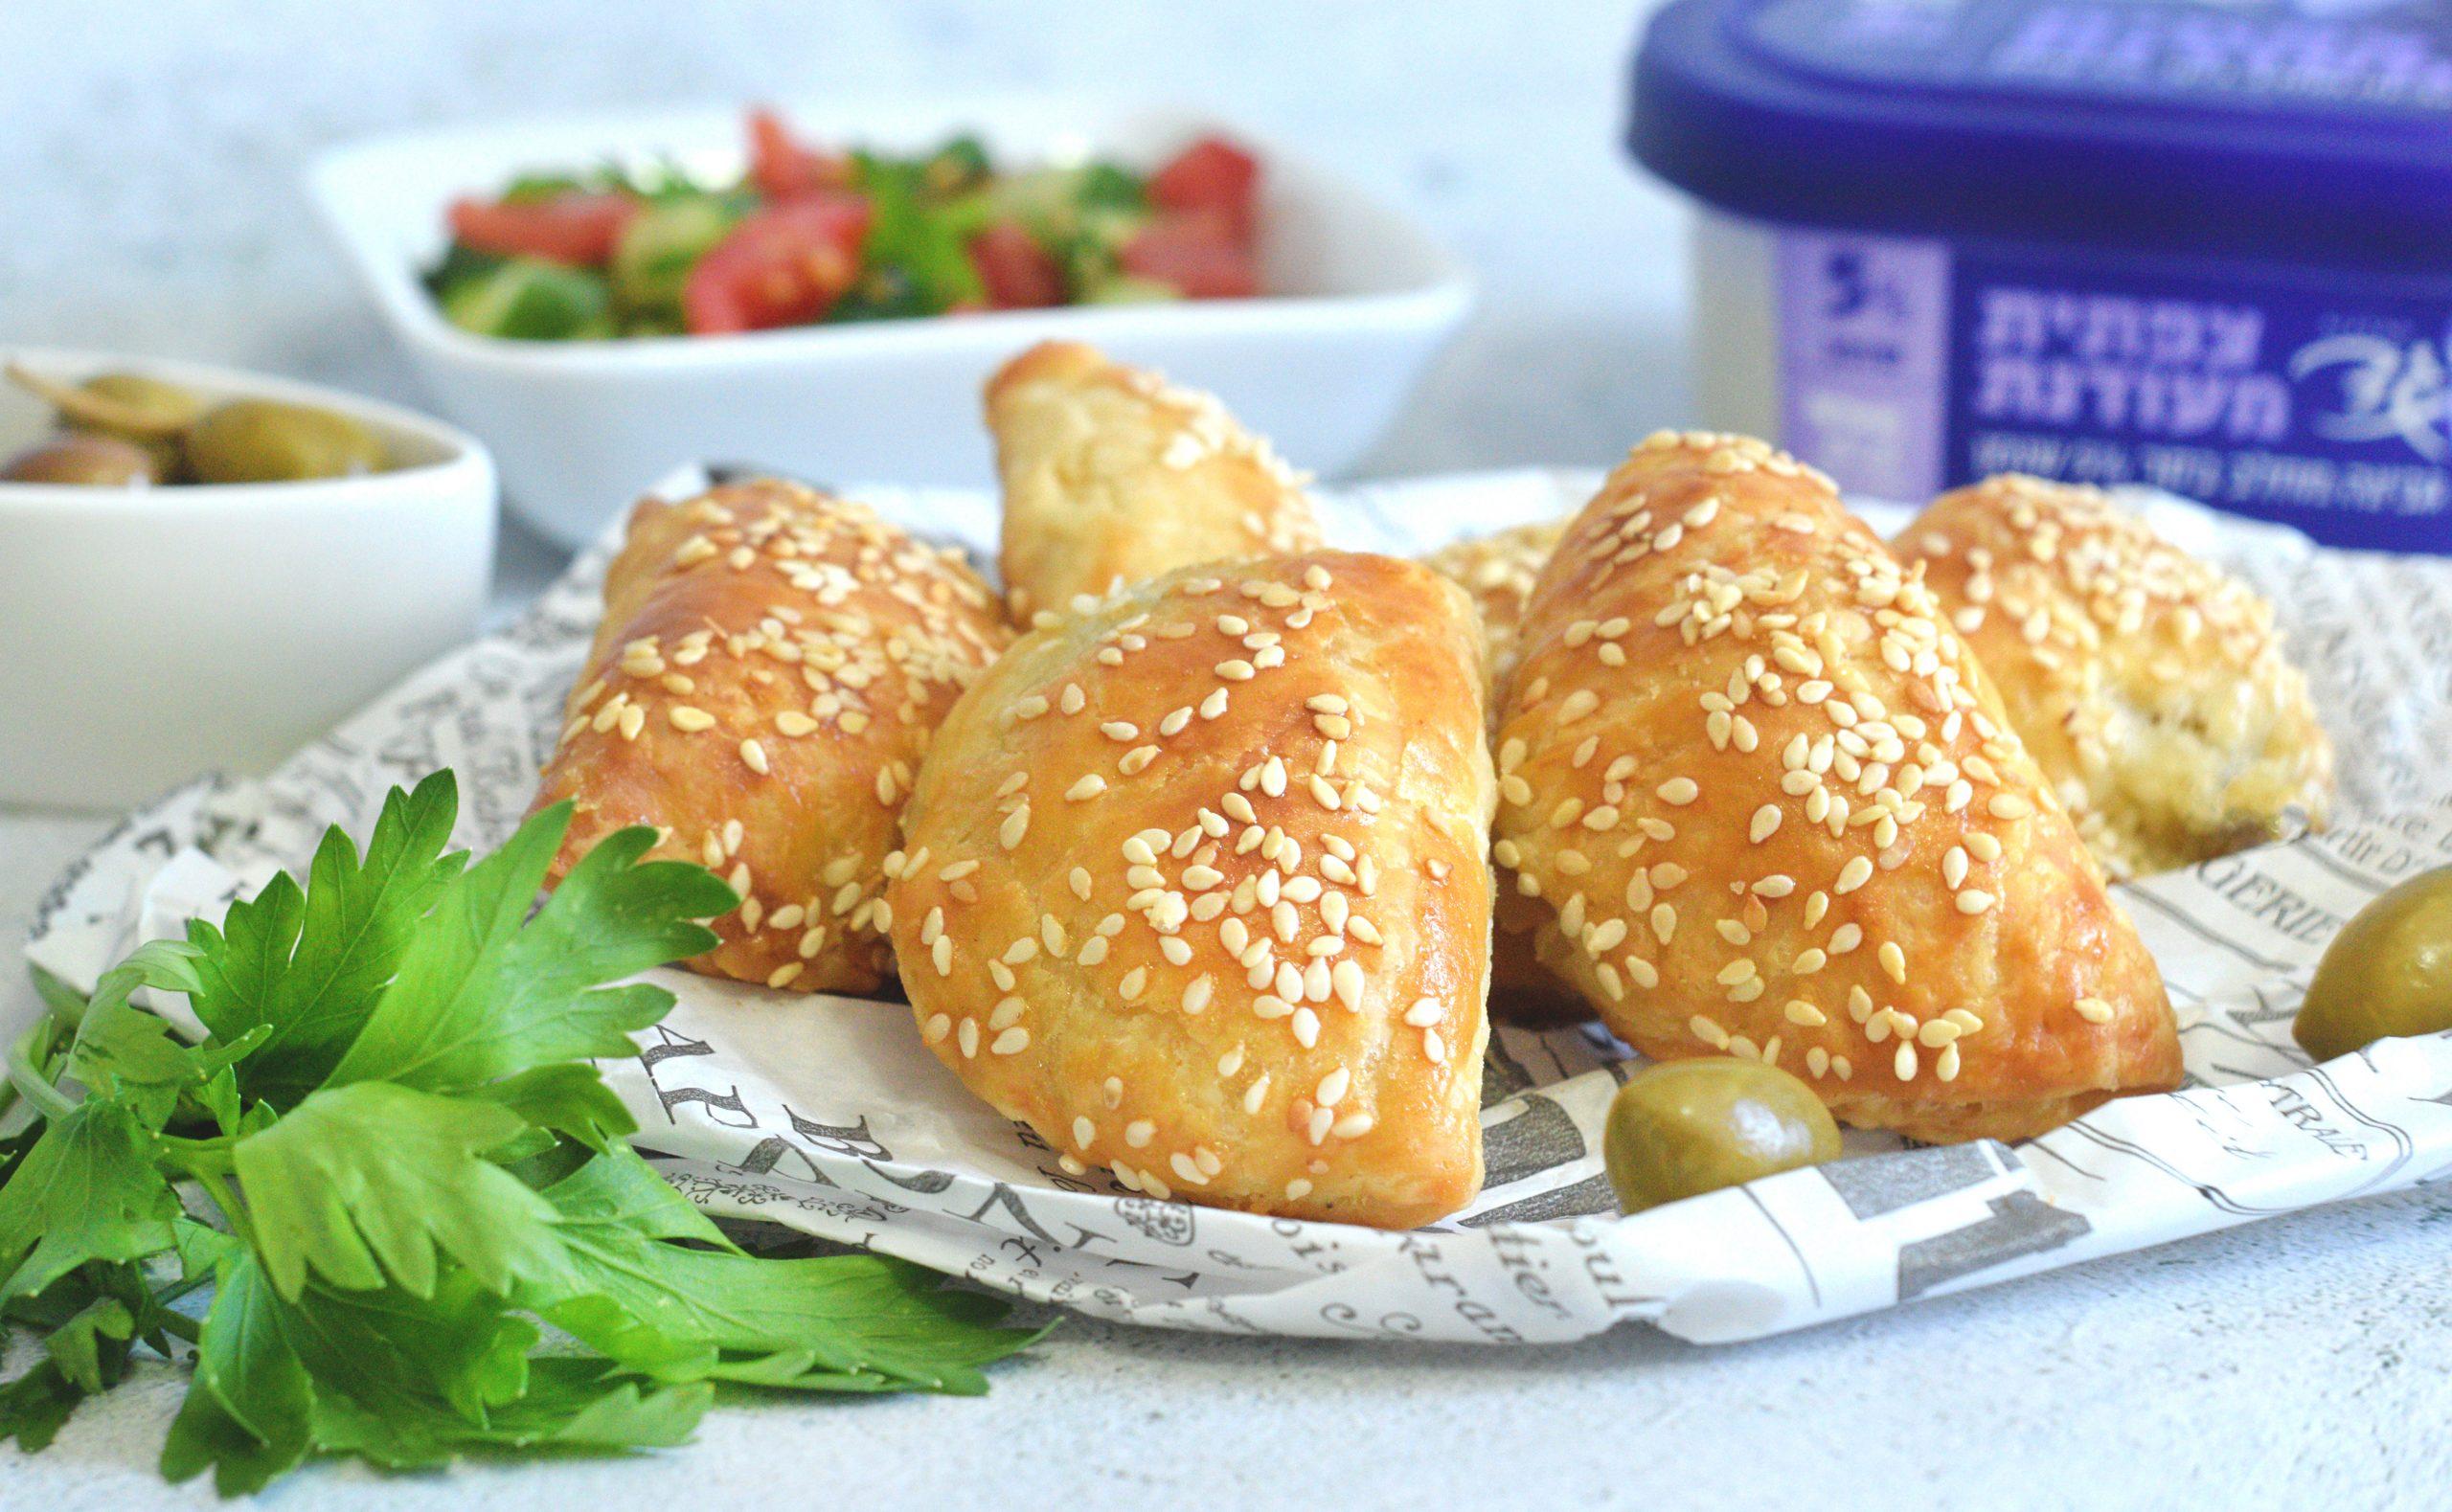 בורקיטס גבינות וזיתים   צילום: ספיר דהן